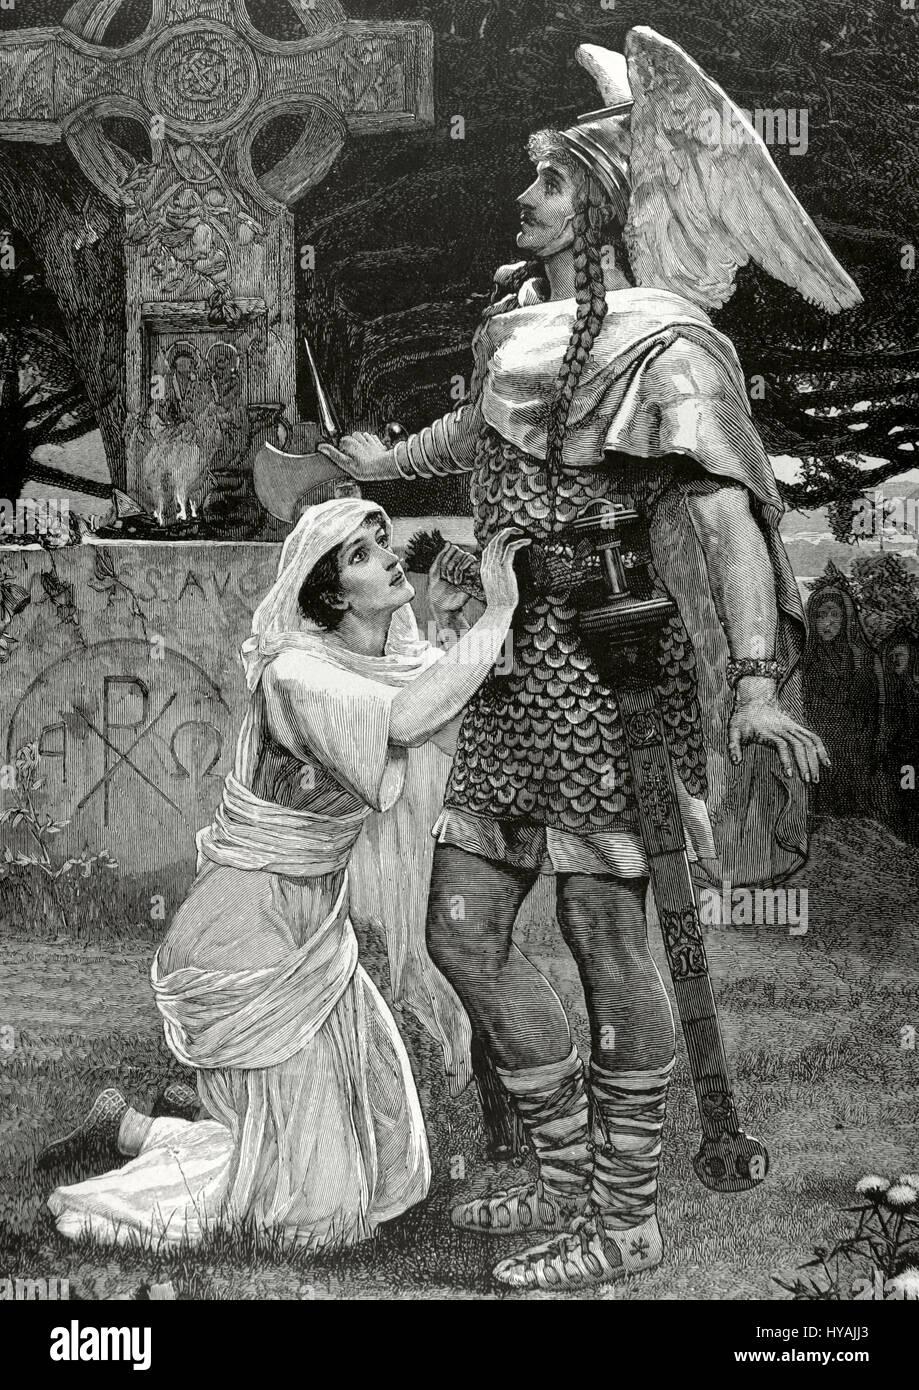 La Legende Arthurienne Sir Galahad Chevalier De La Table Ronde